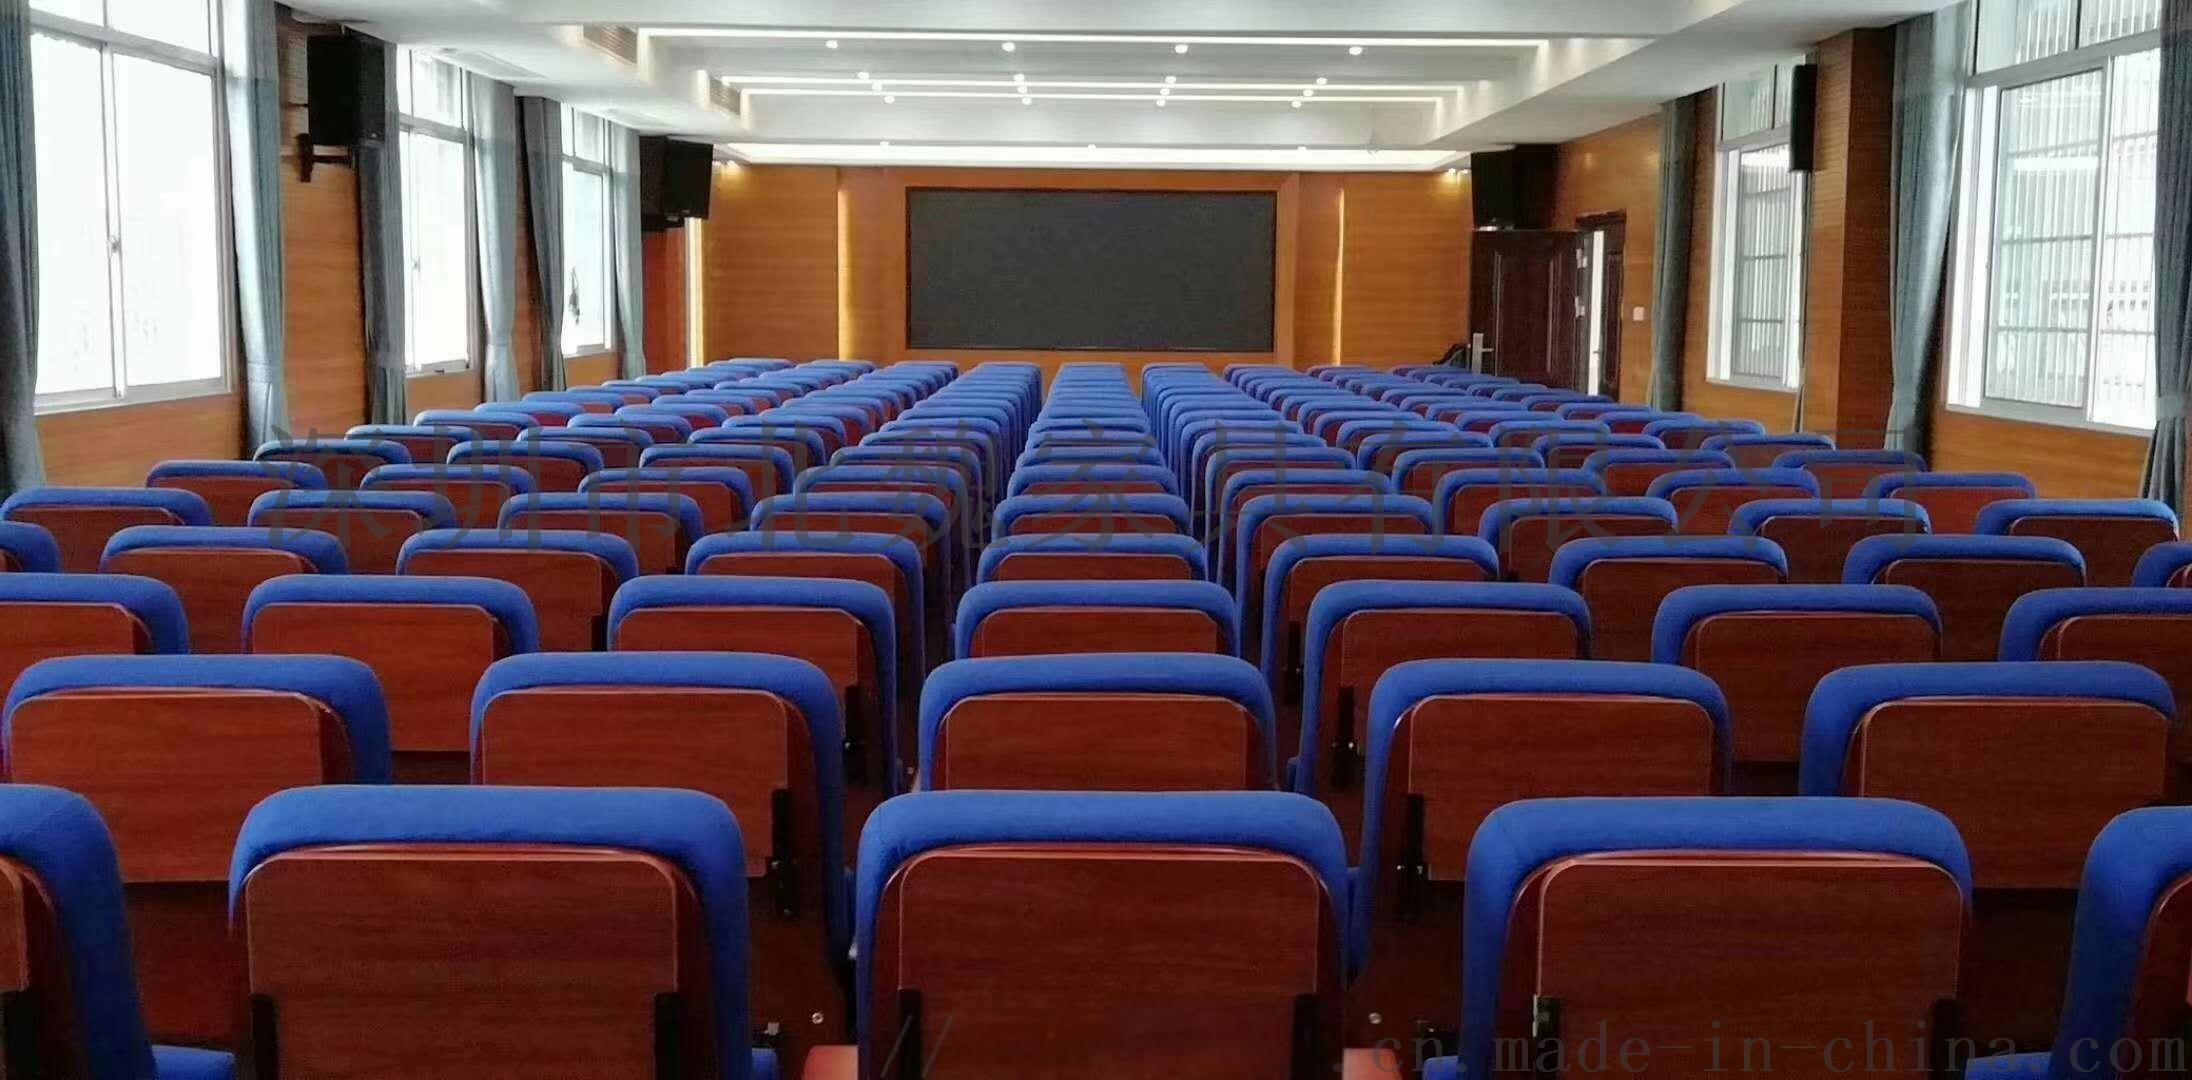 礼堂椅中心距-礼堂椅规格-学校礼堂椅136526565